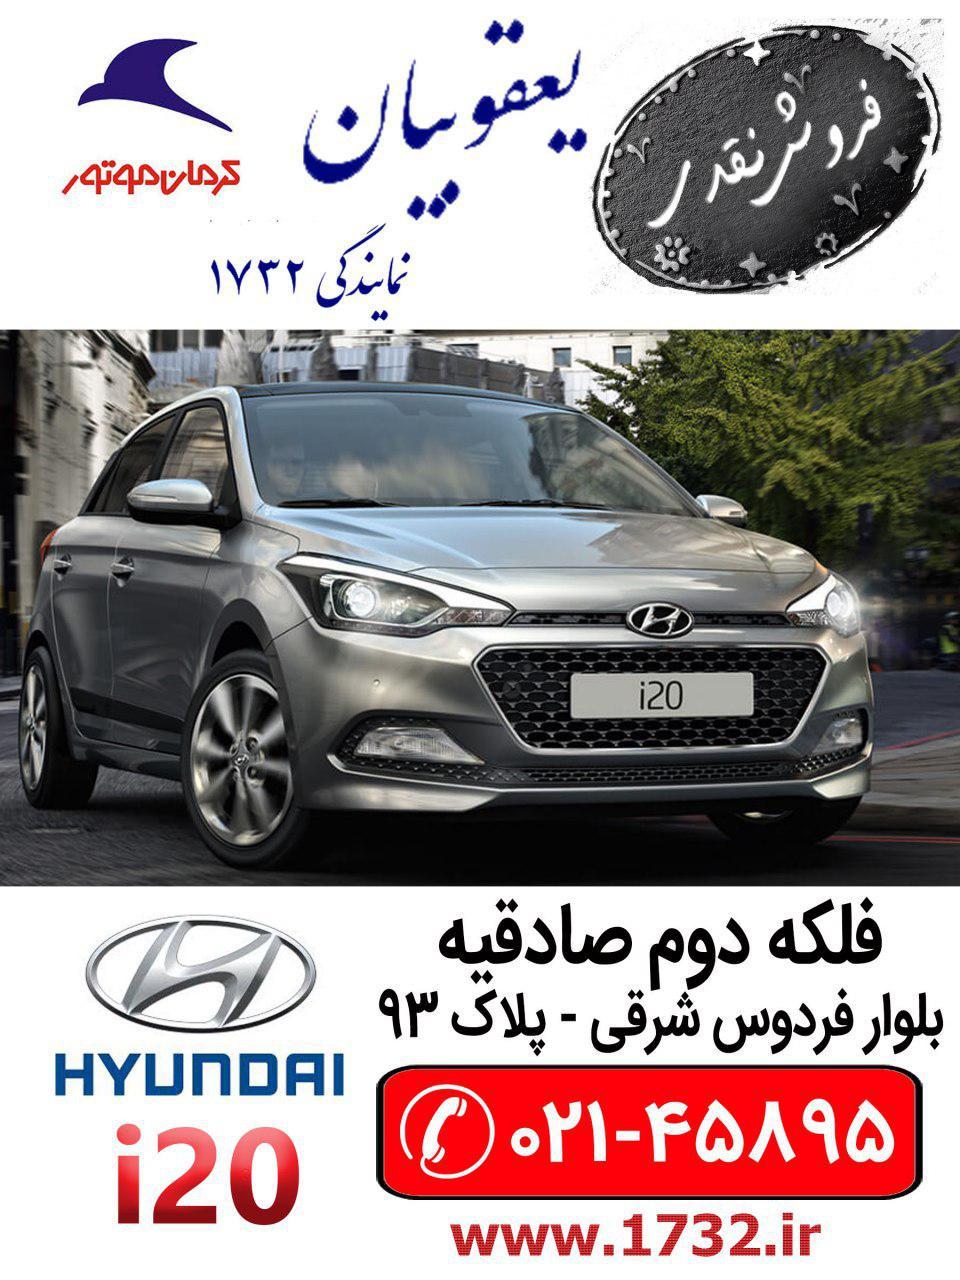 فروش نقدی هیوندای i20 2017 در نمایندگی 1732 کرمان موتور